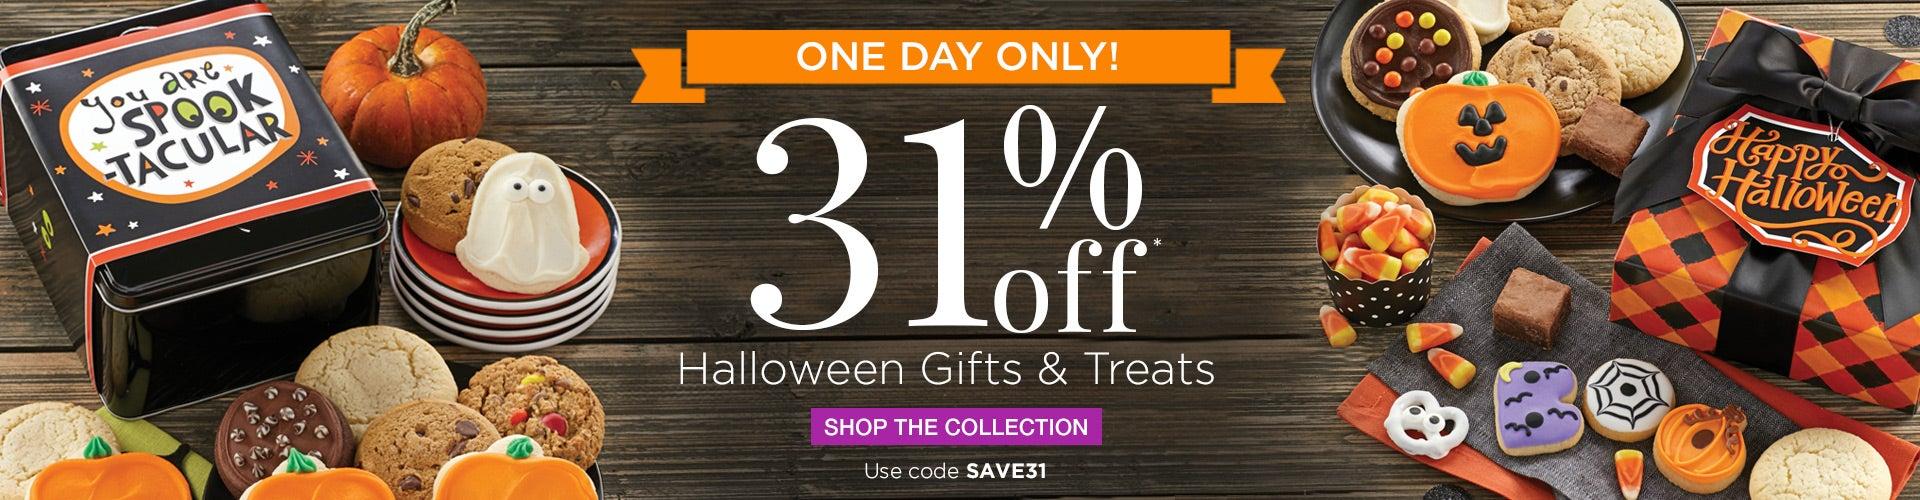 31% off Halloween Cookies